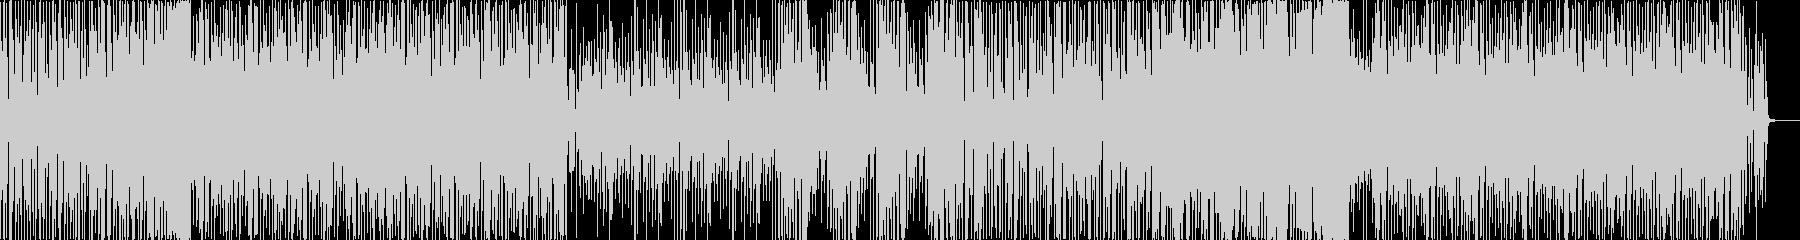 フィルターがかった懐かしめなディスコの未再生の波形